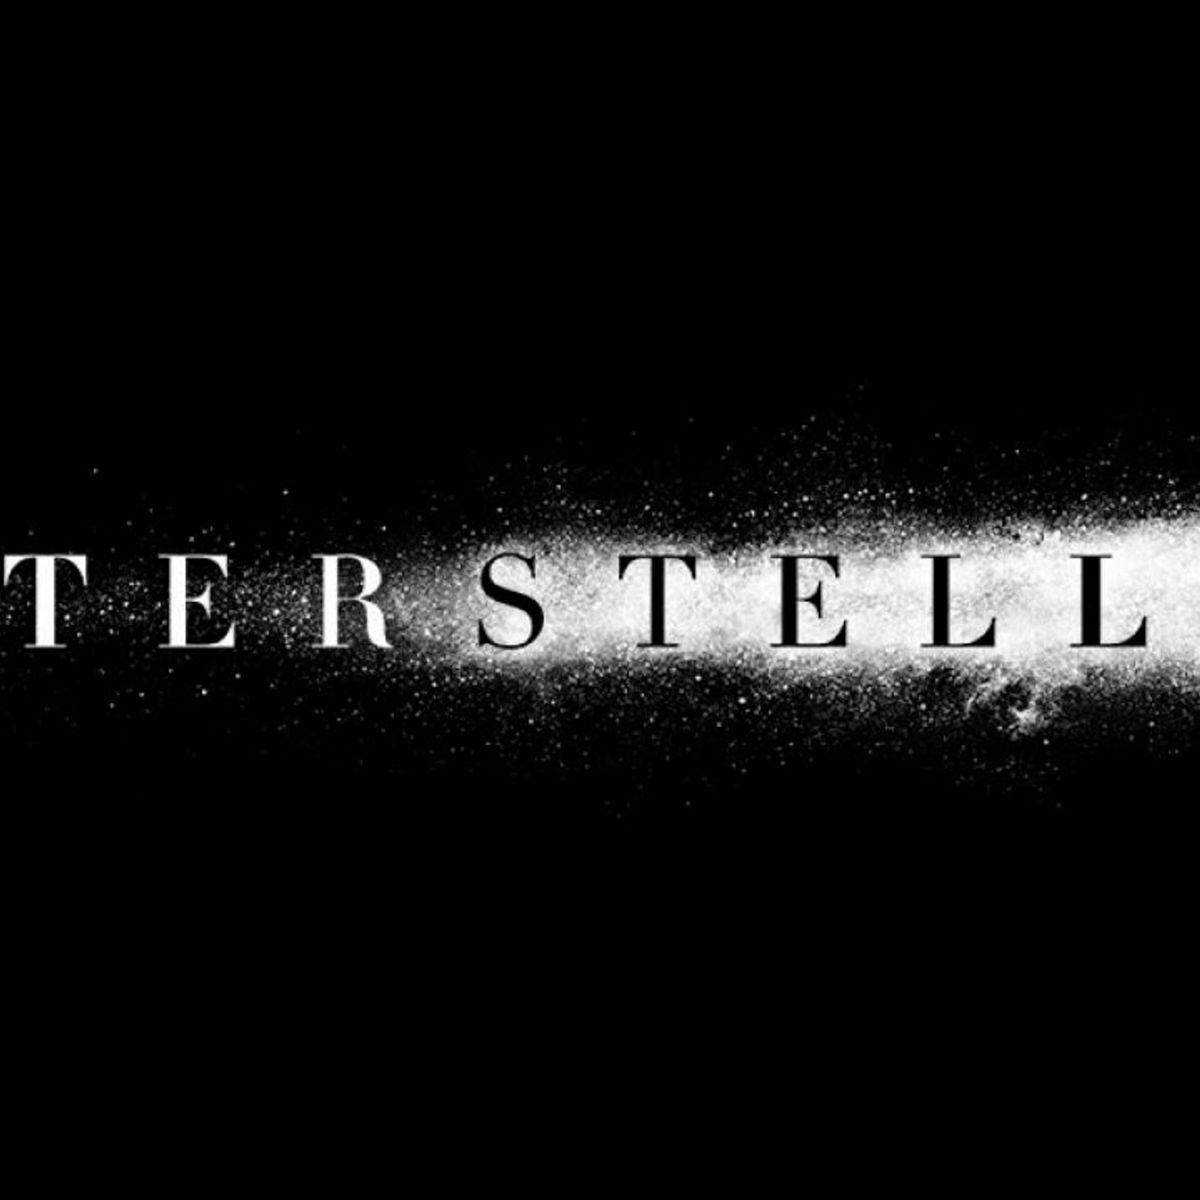 Interstellar logo_0.jpg